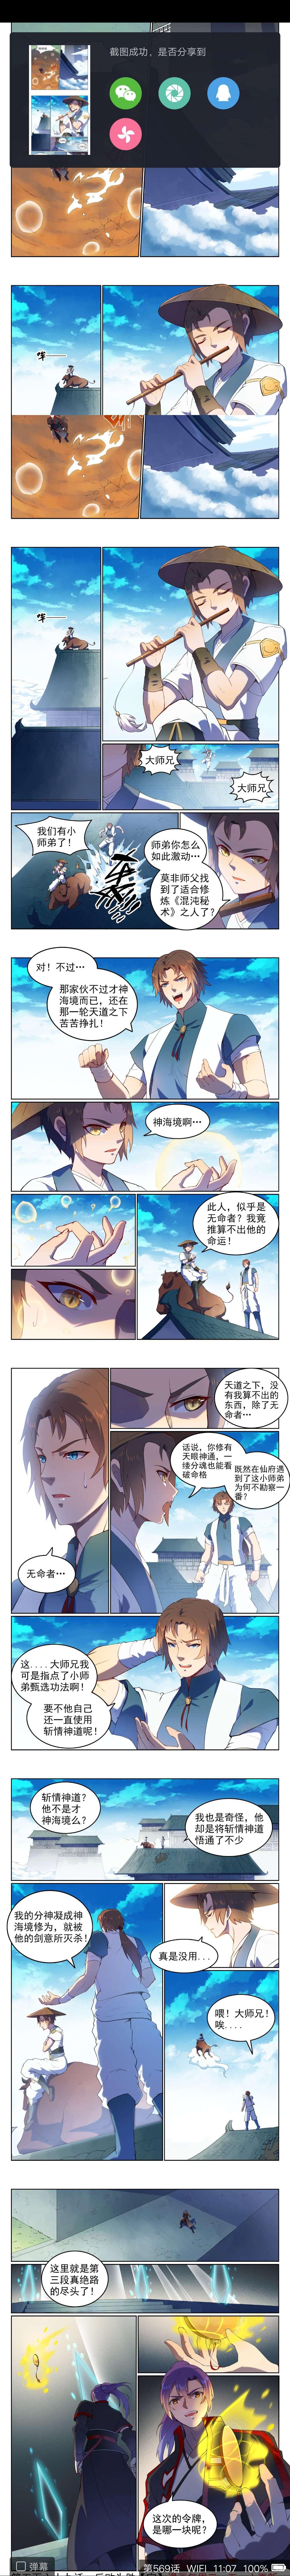 【漫画更新】,蓝色二次元少女图片